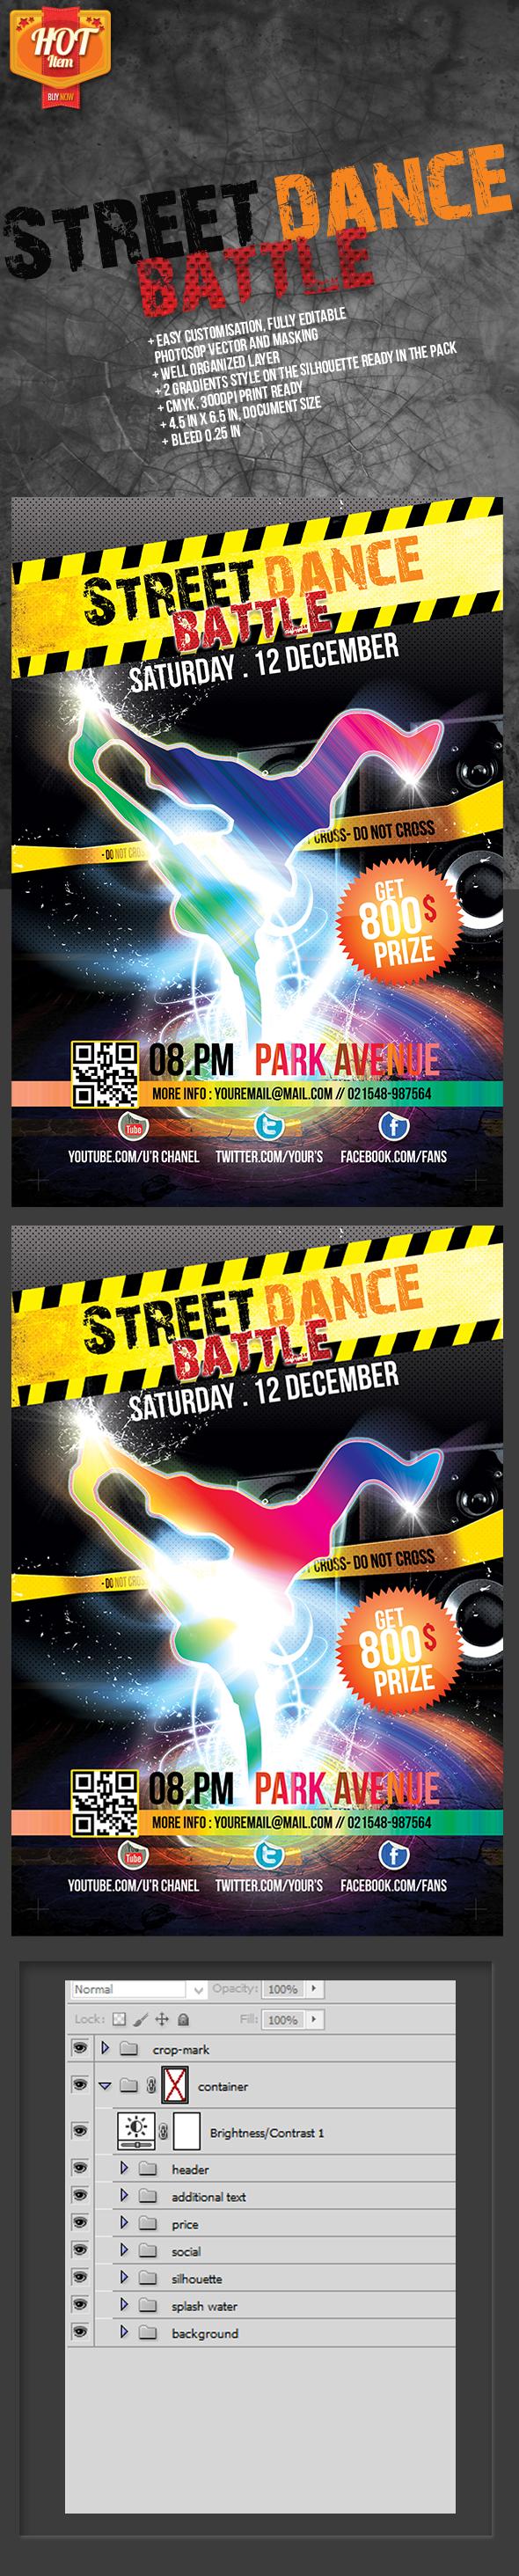 Street Dance Battle Flyer by samsulsekawan